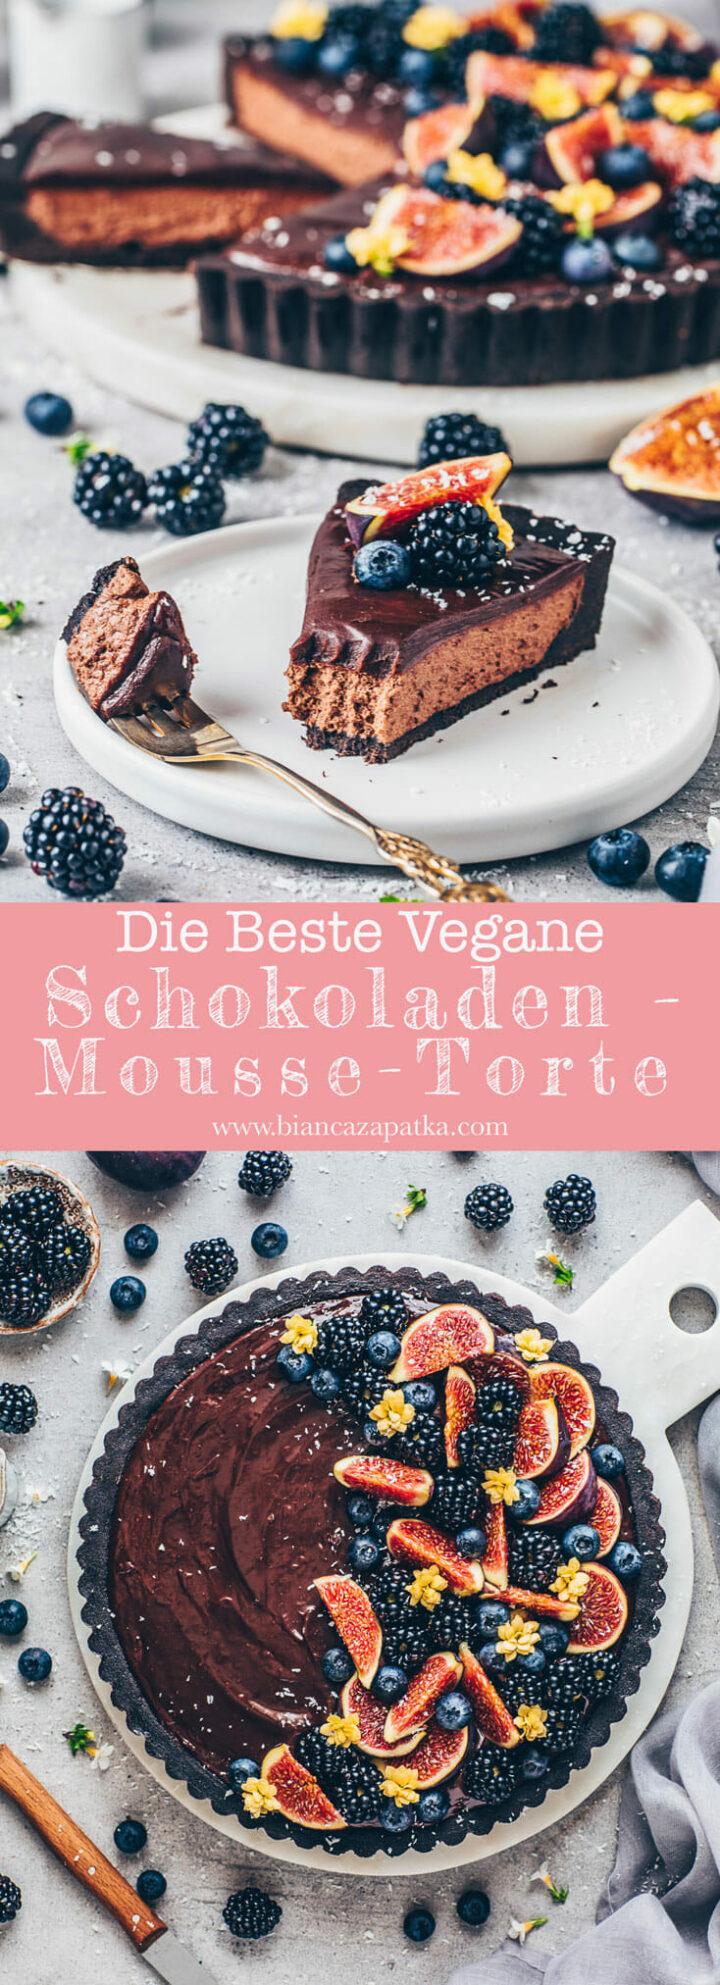 Schokoladen Mousse Torte mit Ganache - Schoko Kuchen